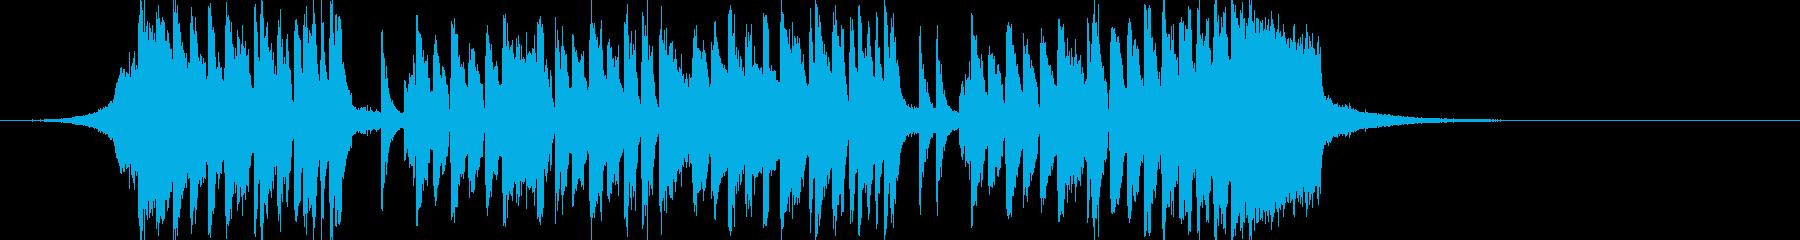 コミカルでワクワクなカワイイアイキャッチの再生済みの波形